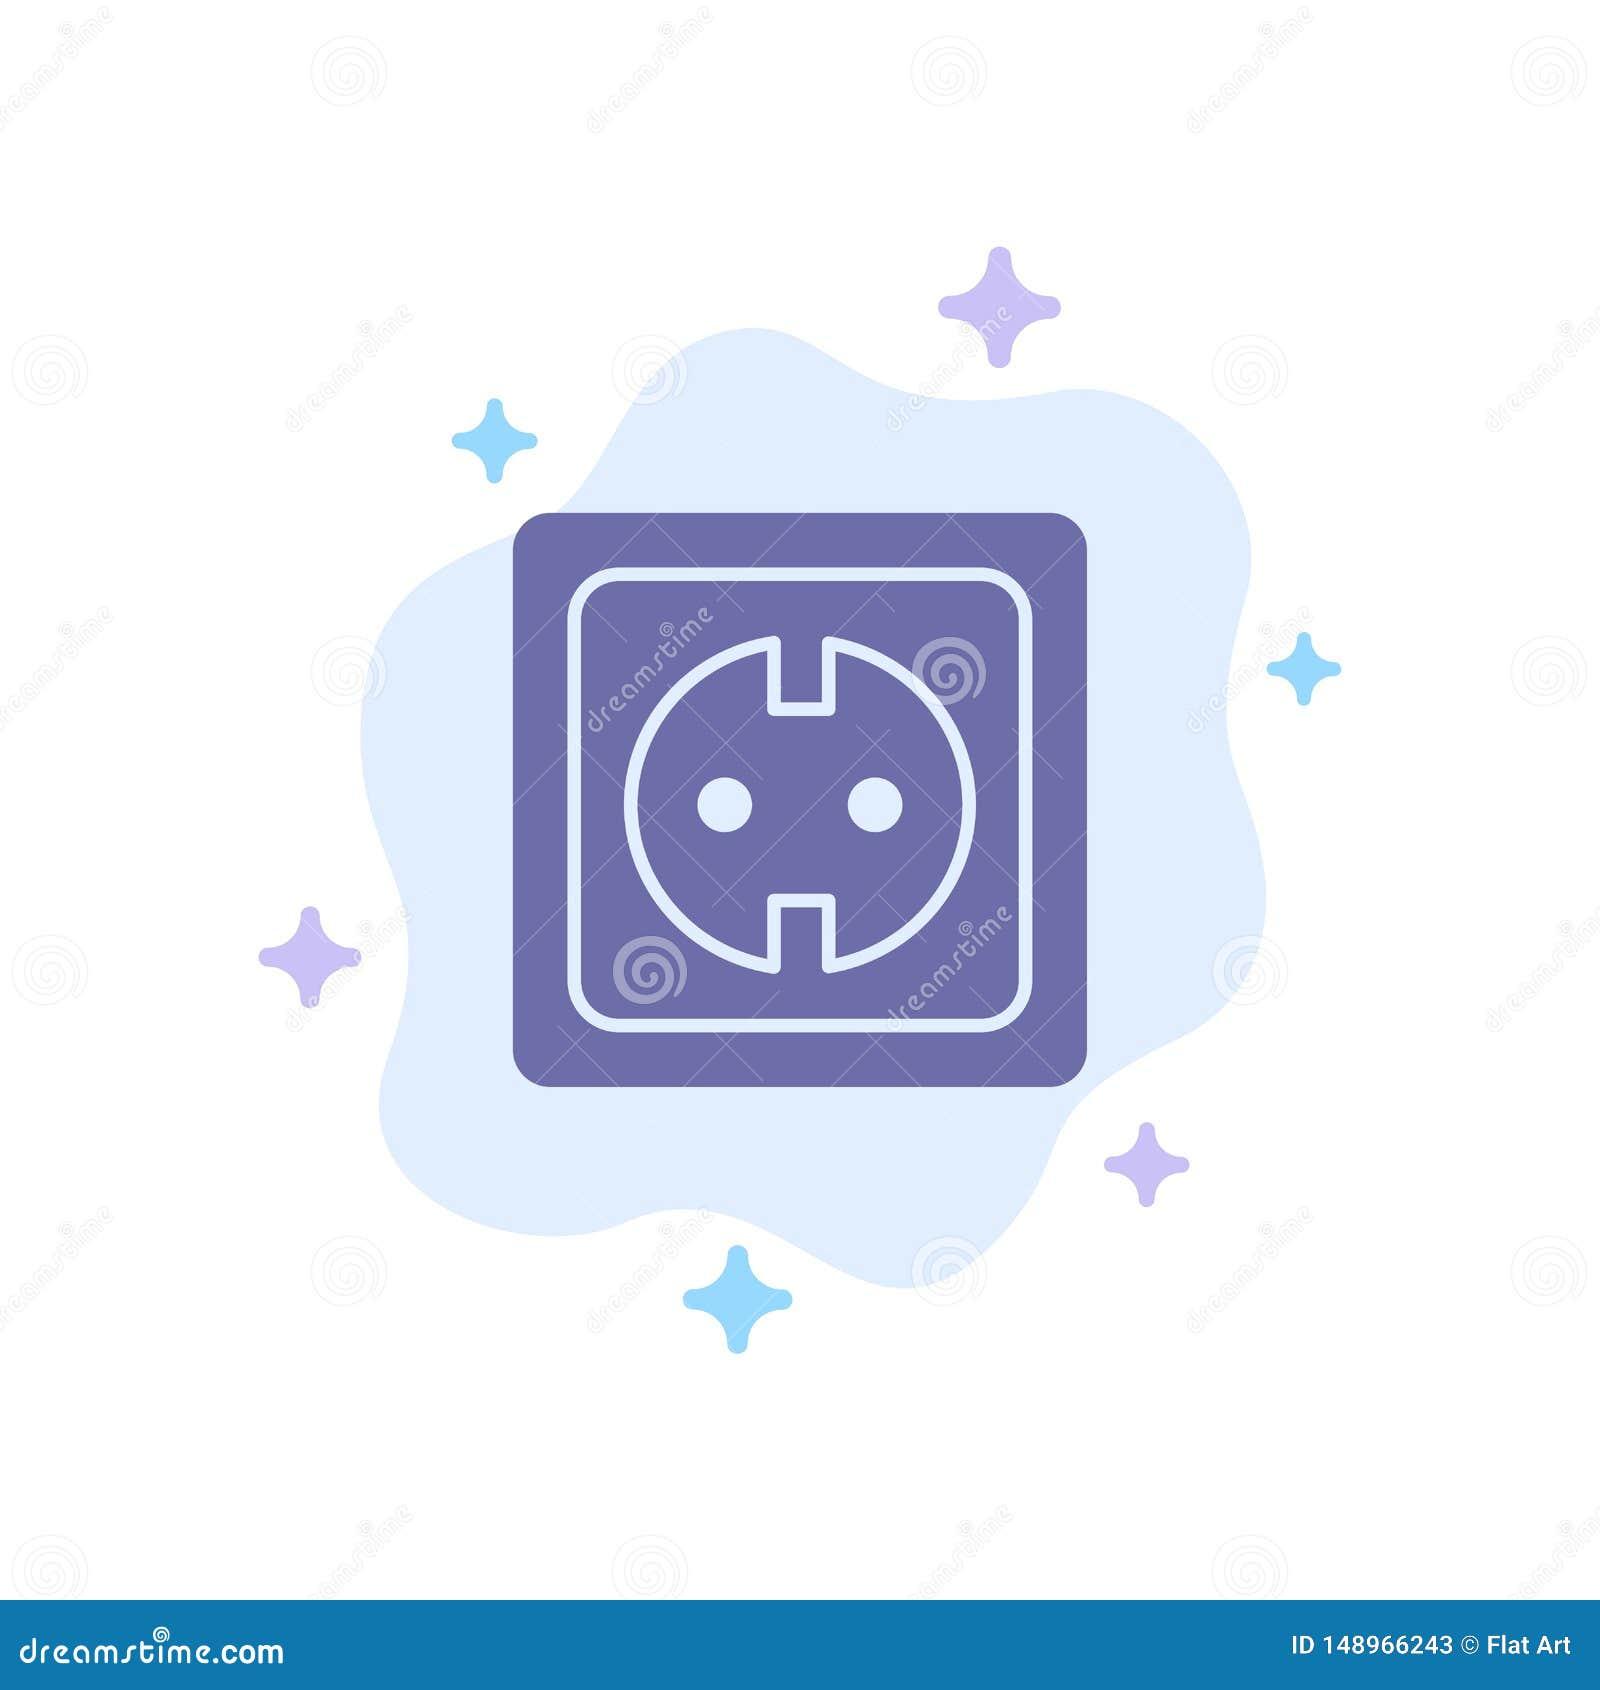 Электрический, энергия, штепсельная вилка, электропитание, значок гнезда голубой на абстрактной предпосылке облака